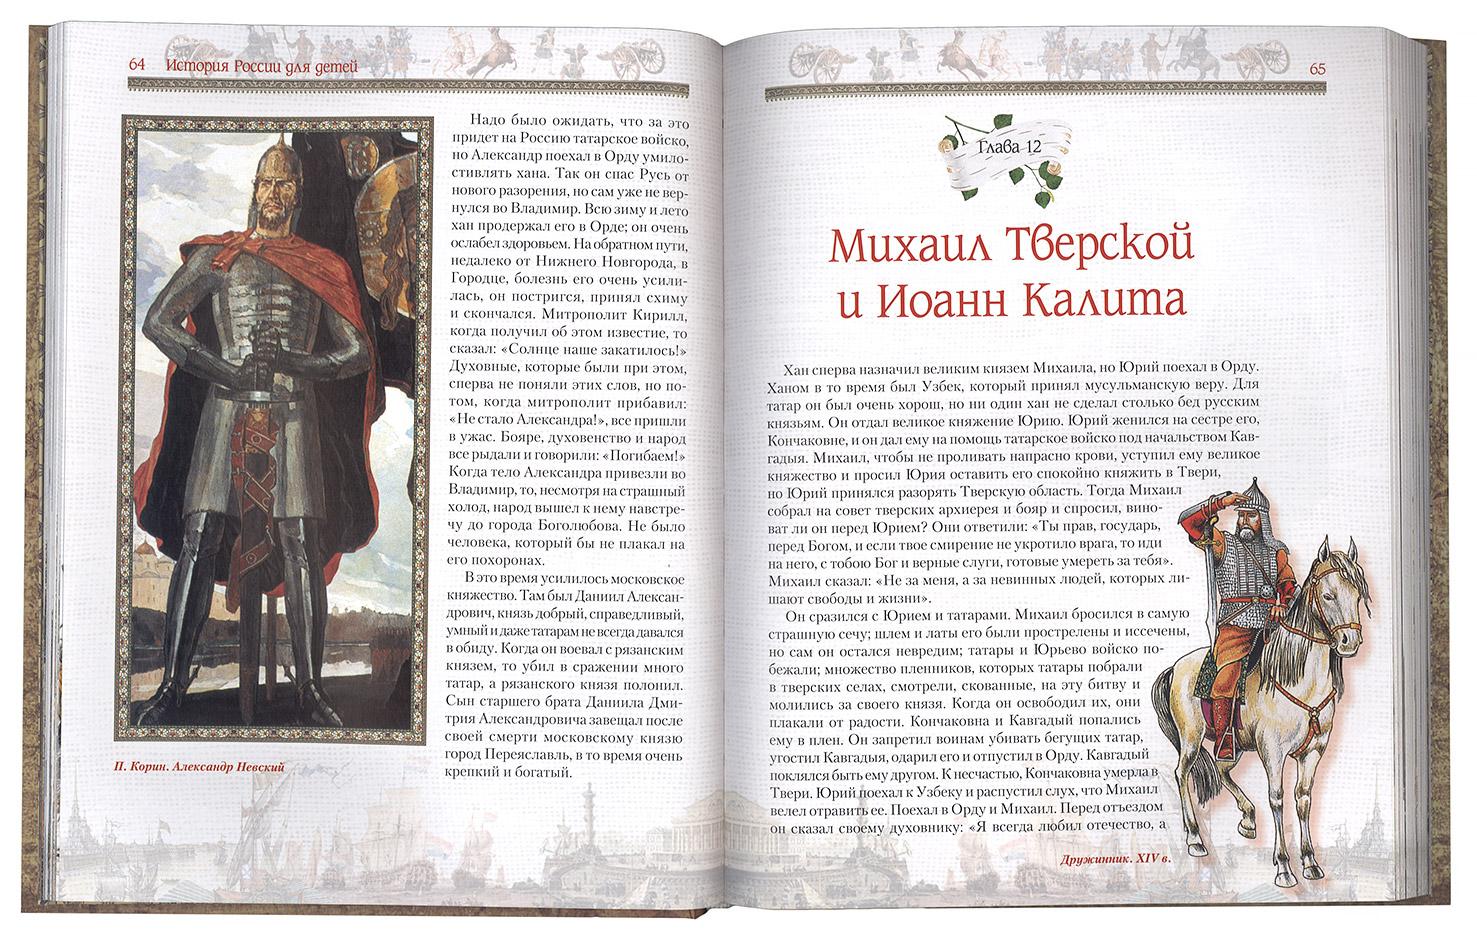 ИСТОРИЯ РОССИИ В РАССКАЗАХ ДЛЯ ДЕТЕЙ ИШИМОВА СКАЧАТЬ БЕСПЛАТНО